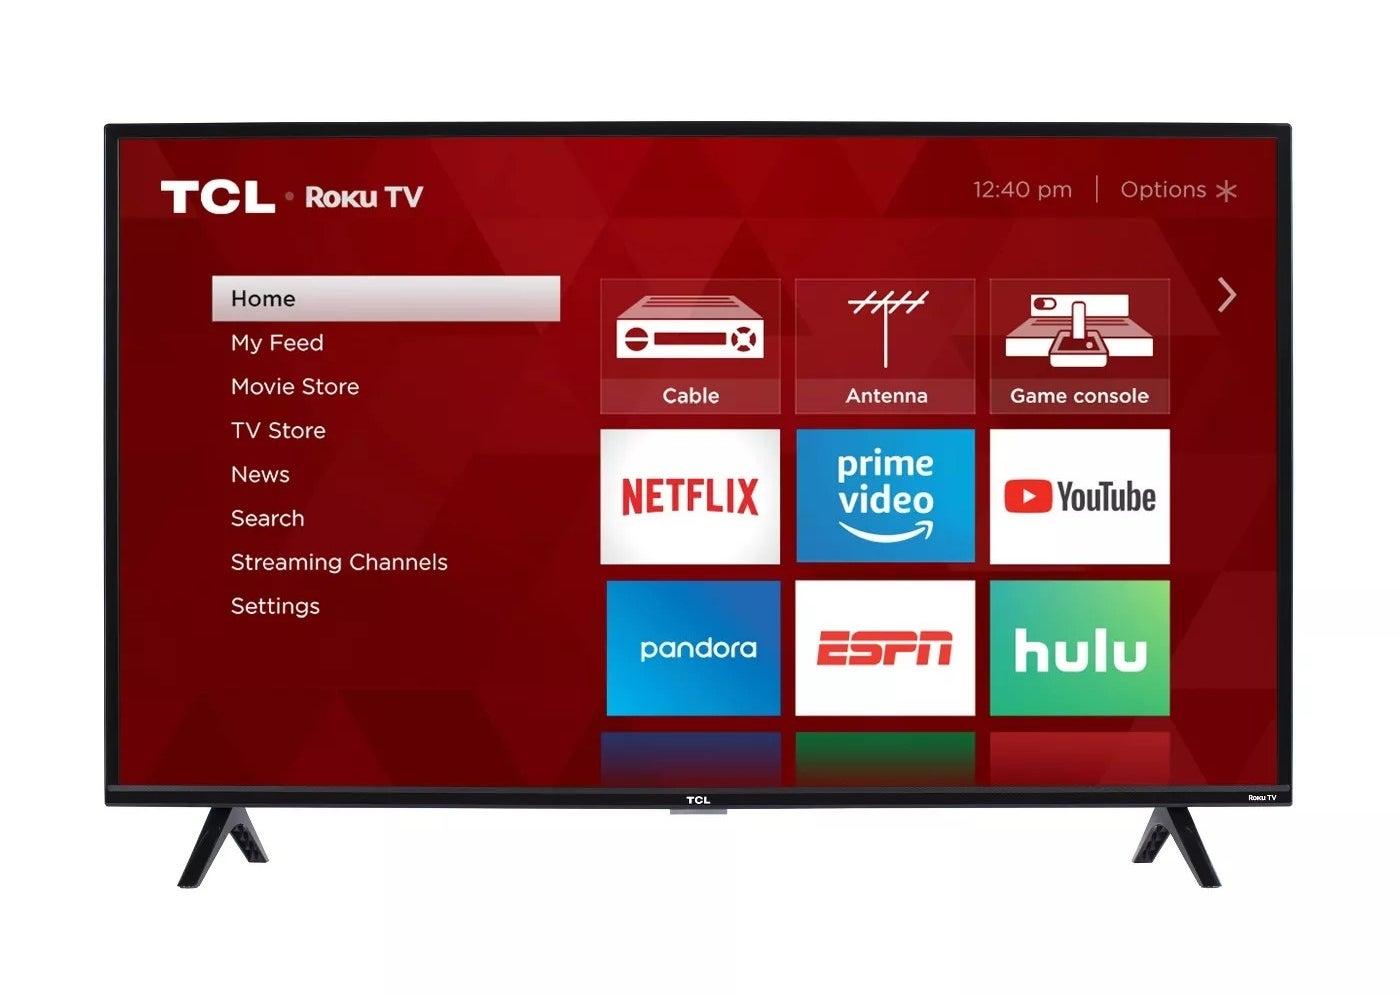 The TCL Roku TV